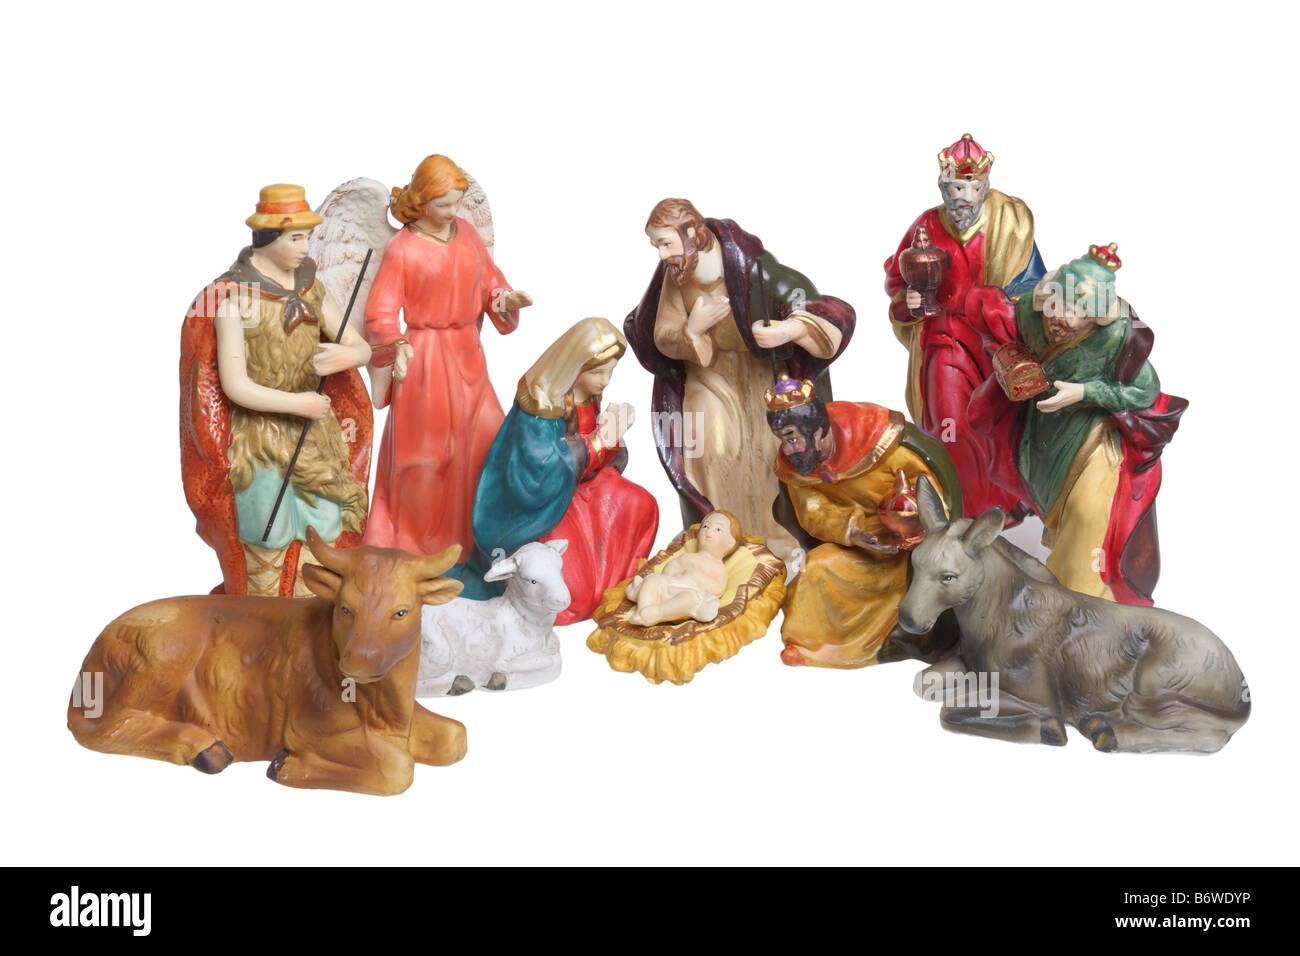 Nativity scene figures cutout isolated on white background - Stock Image